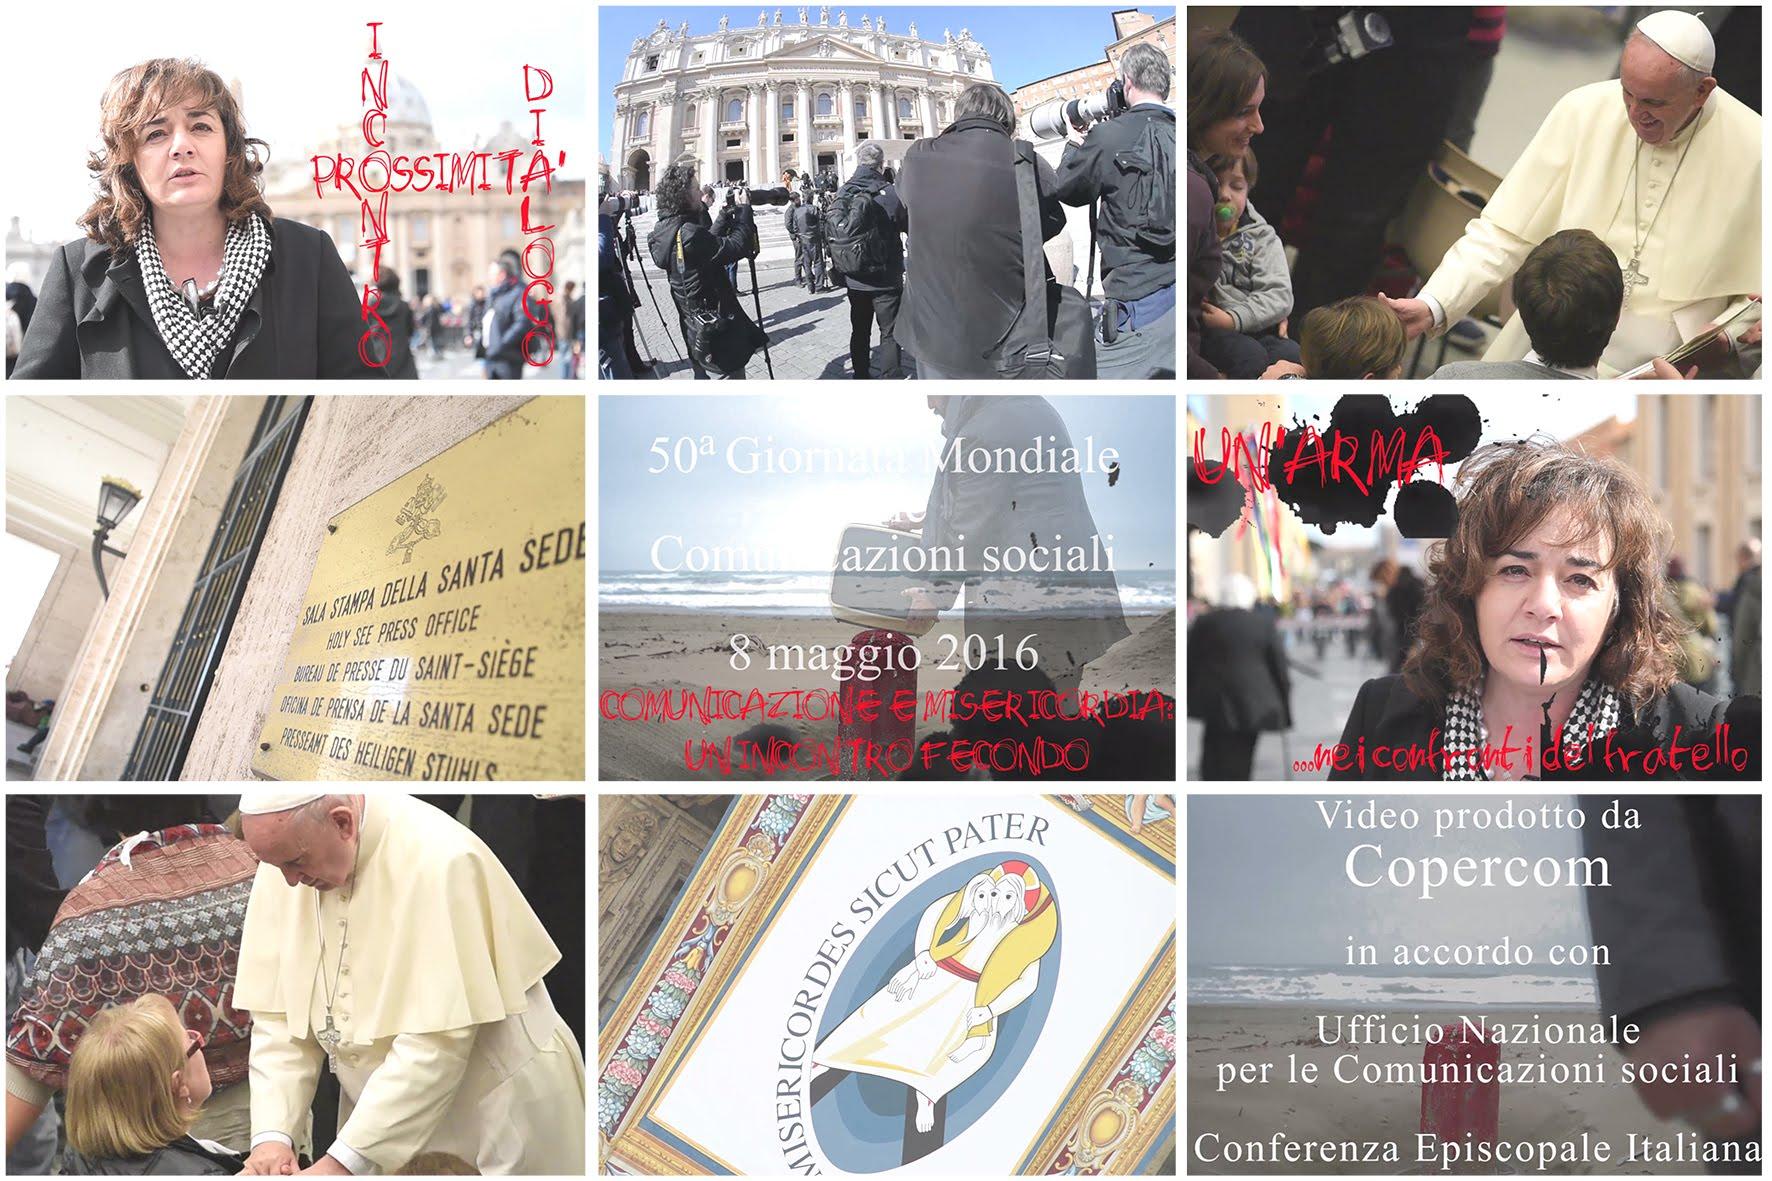 """""""Comunicazione e misericordia: un incontro fecondo"""": un video del Copercom"""